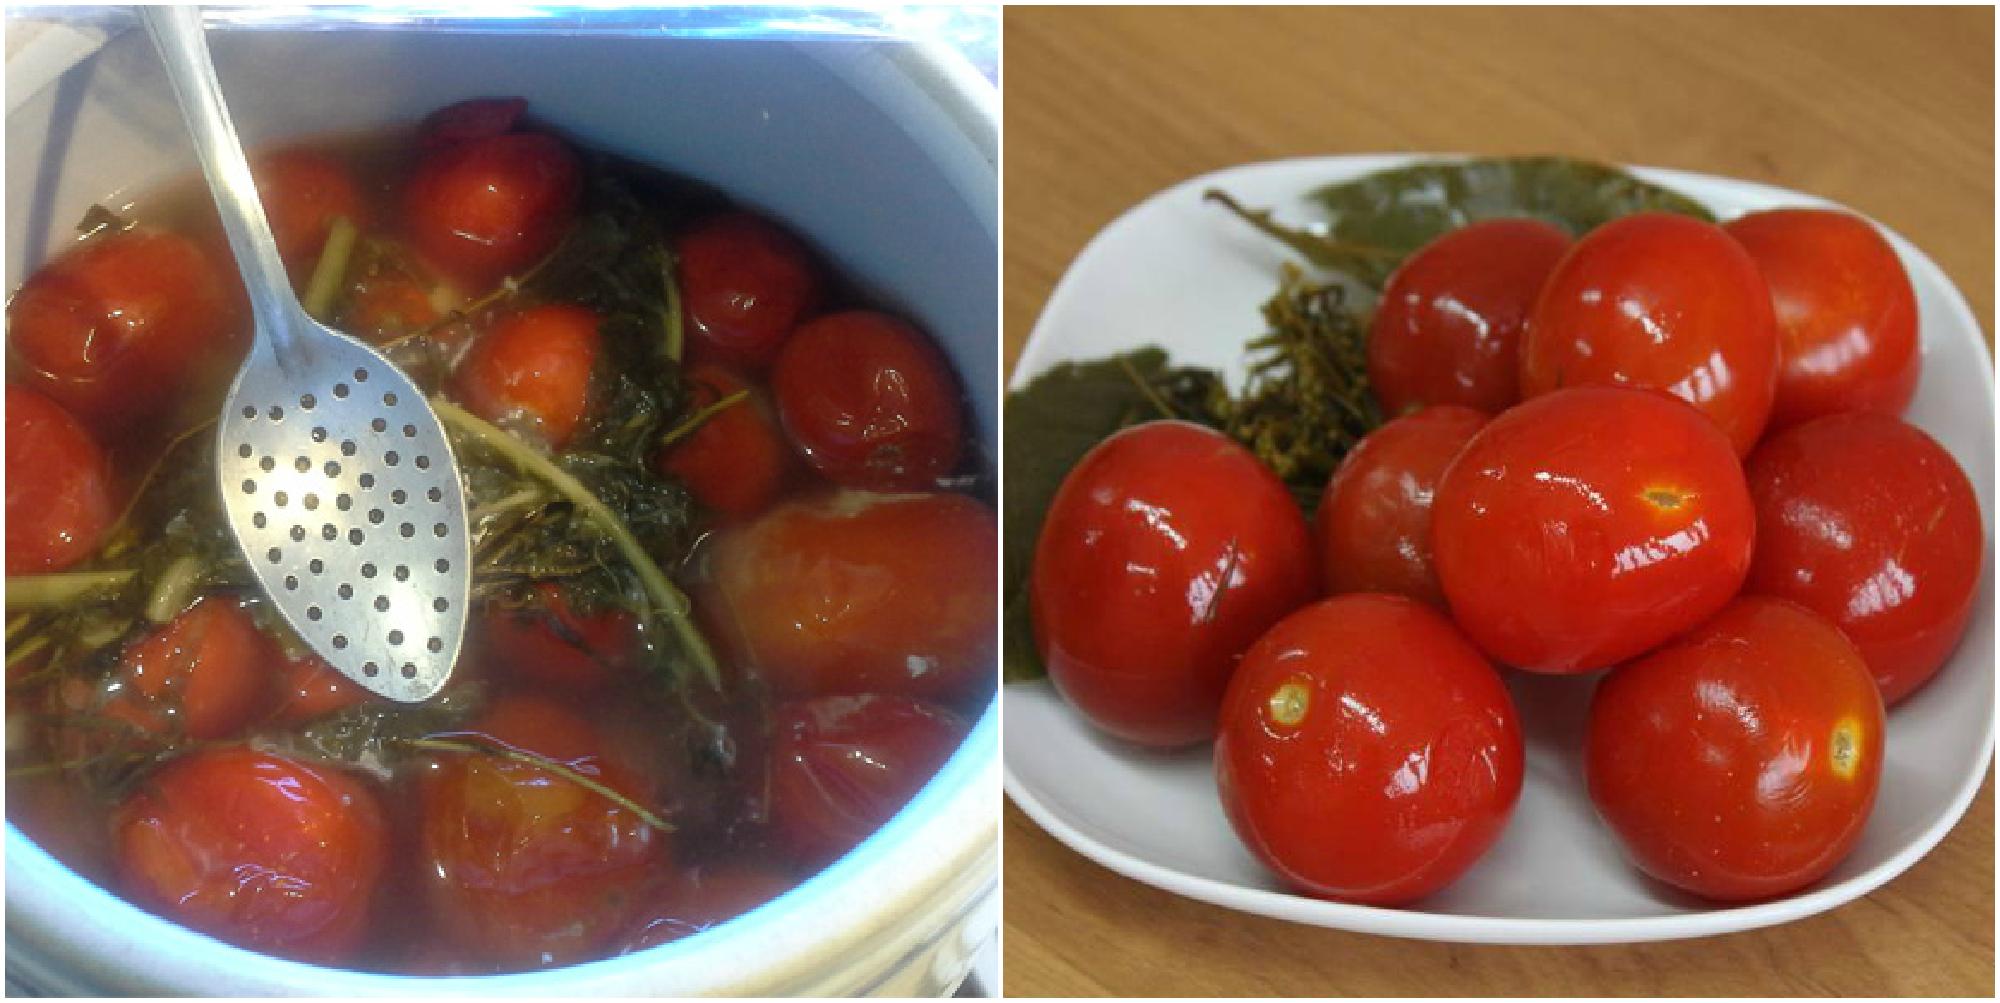 Рецепт квашеных помидорчиков с сахаром. Таких вкусных вы еще не пробовали!